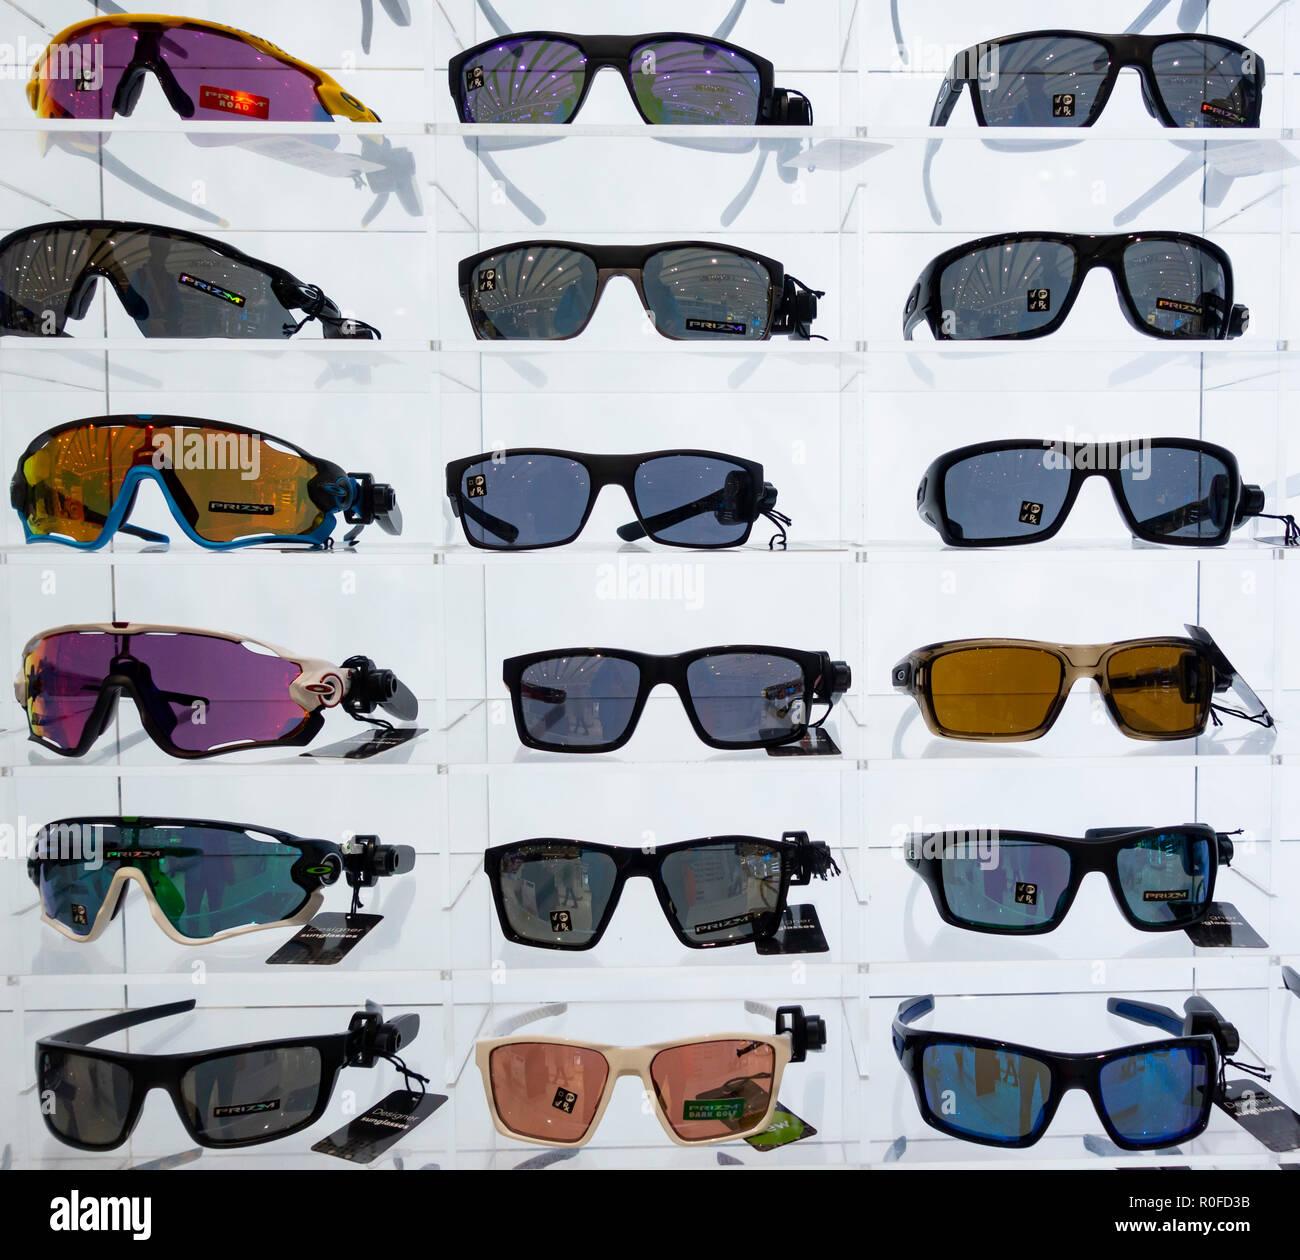 Oakley gafas de sol en la tienda libre de impuestos del aeropuerto Imagen  De Stock ec79e2f6be352